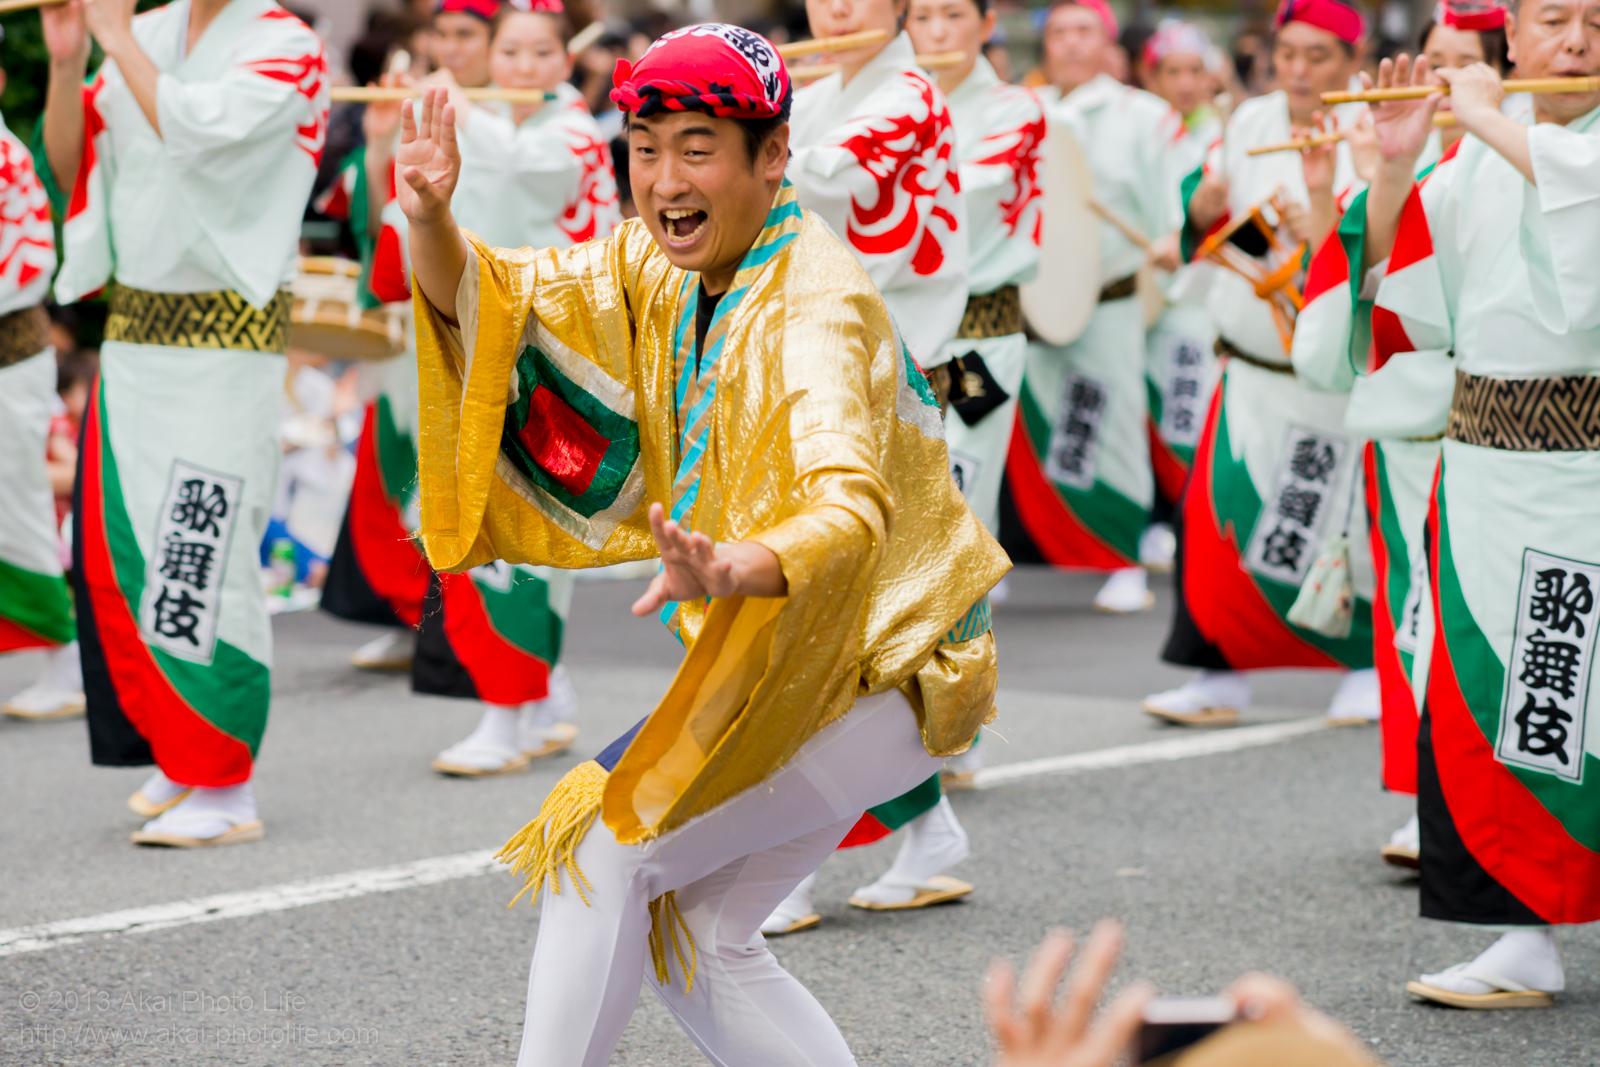 高円寺阿波踊り 江戸歌舞伎連のやっこ凧役の方の素手踊り